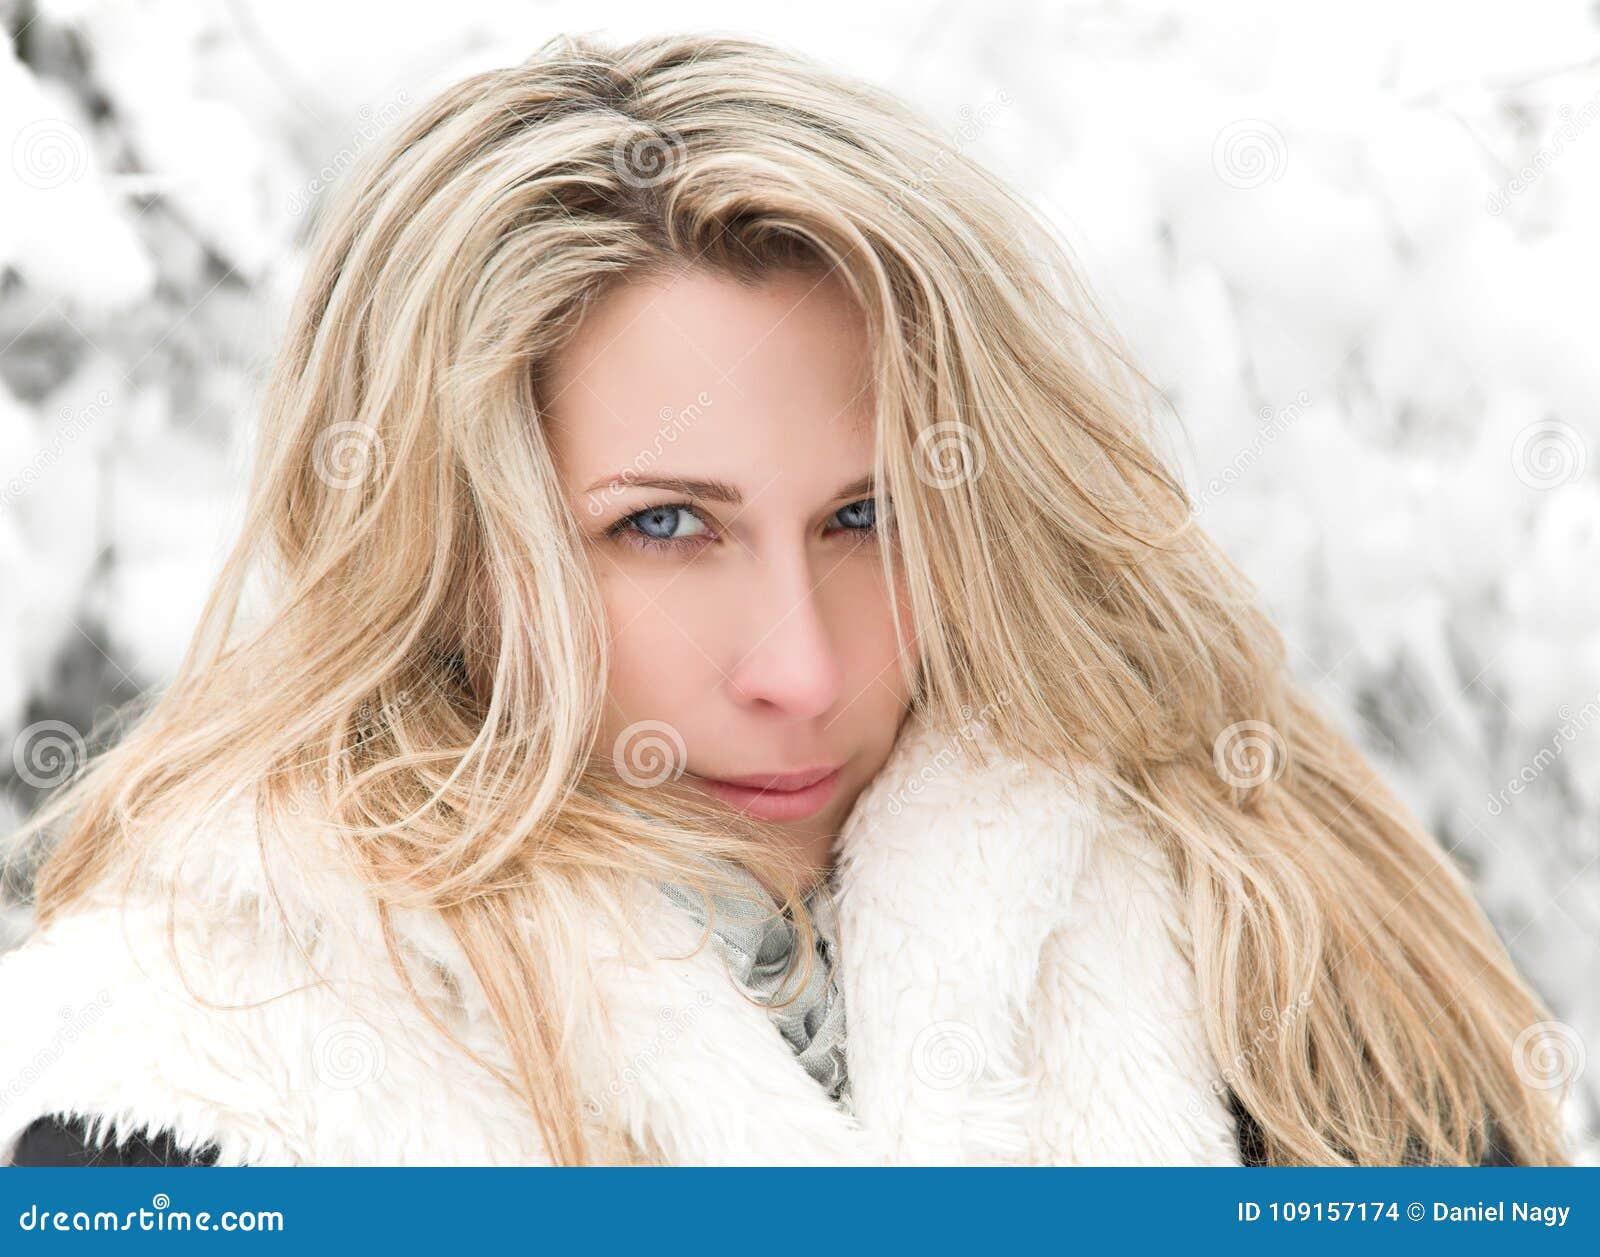 Retrato rubio de la mujer del pelo largo hermoso, invierno, fondo nevado de los árboles